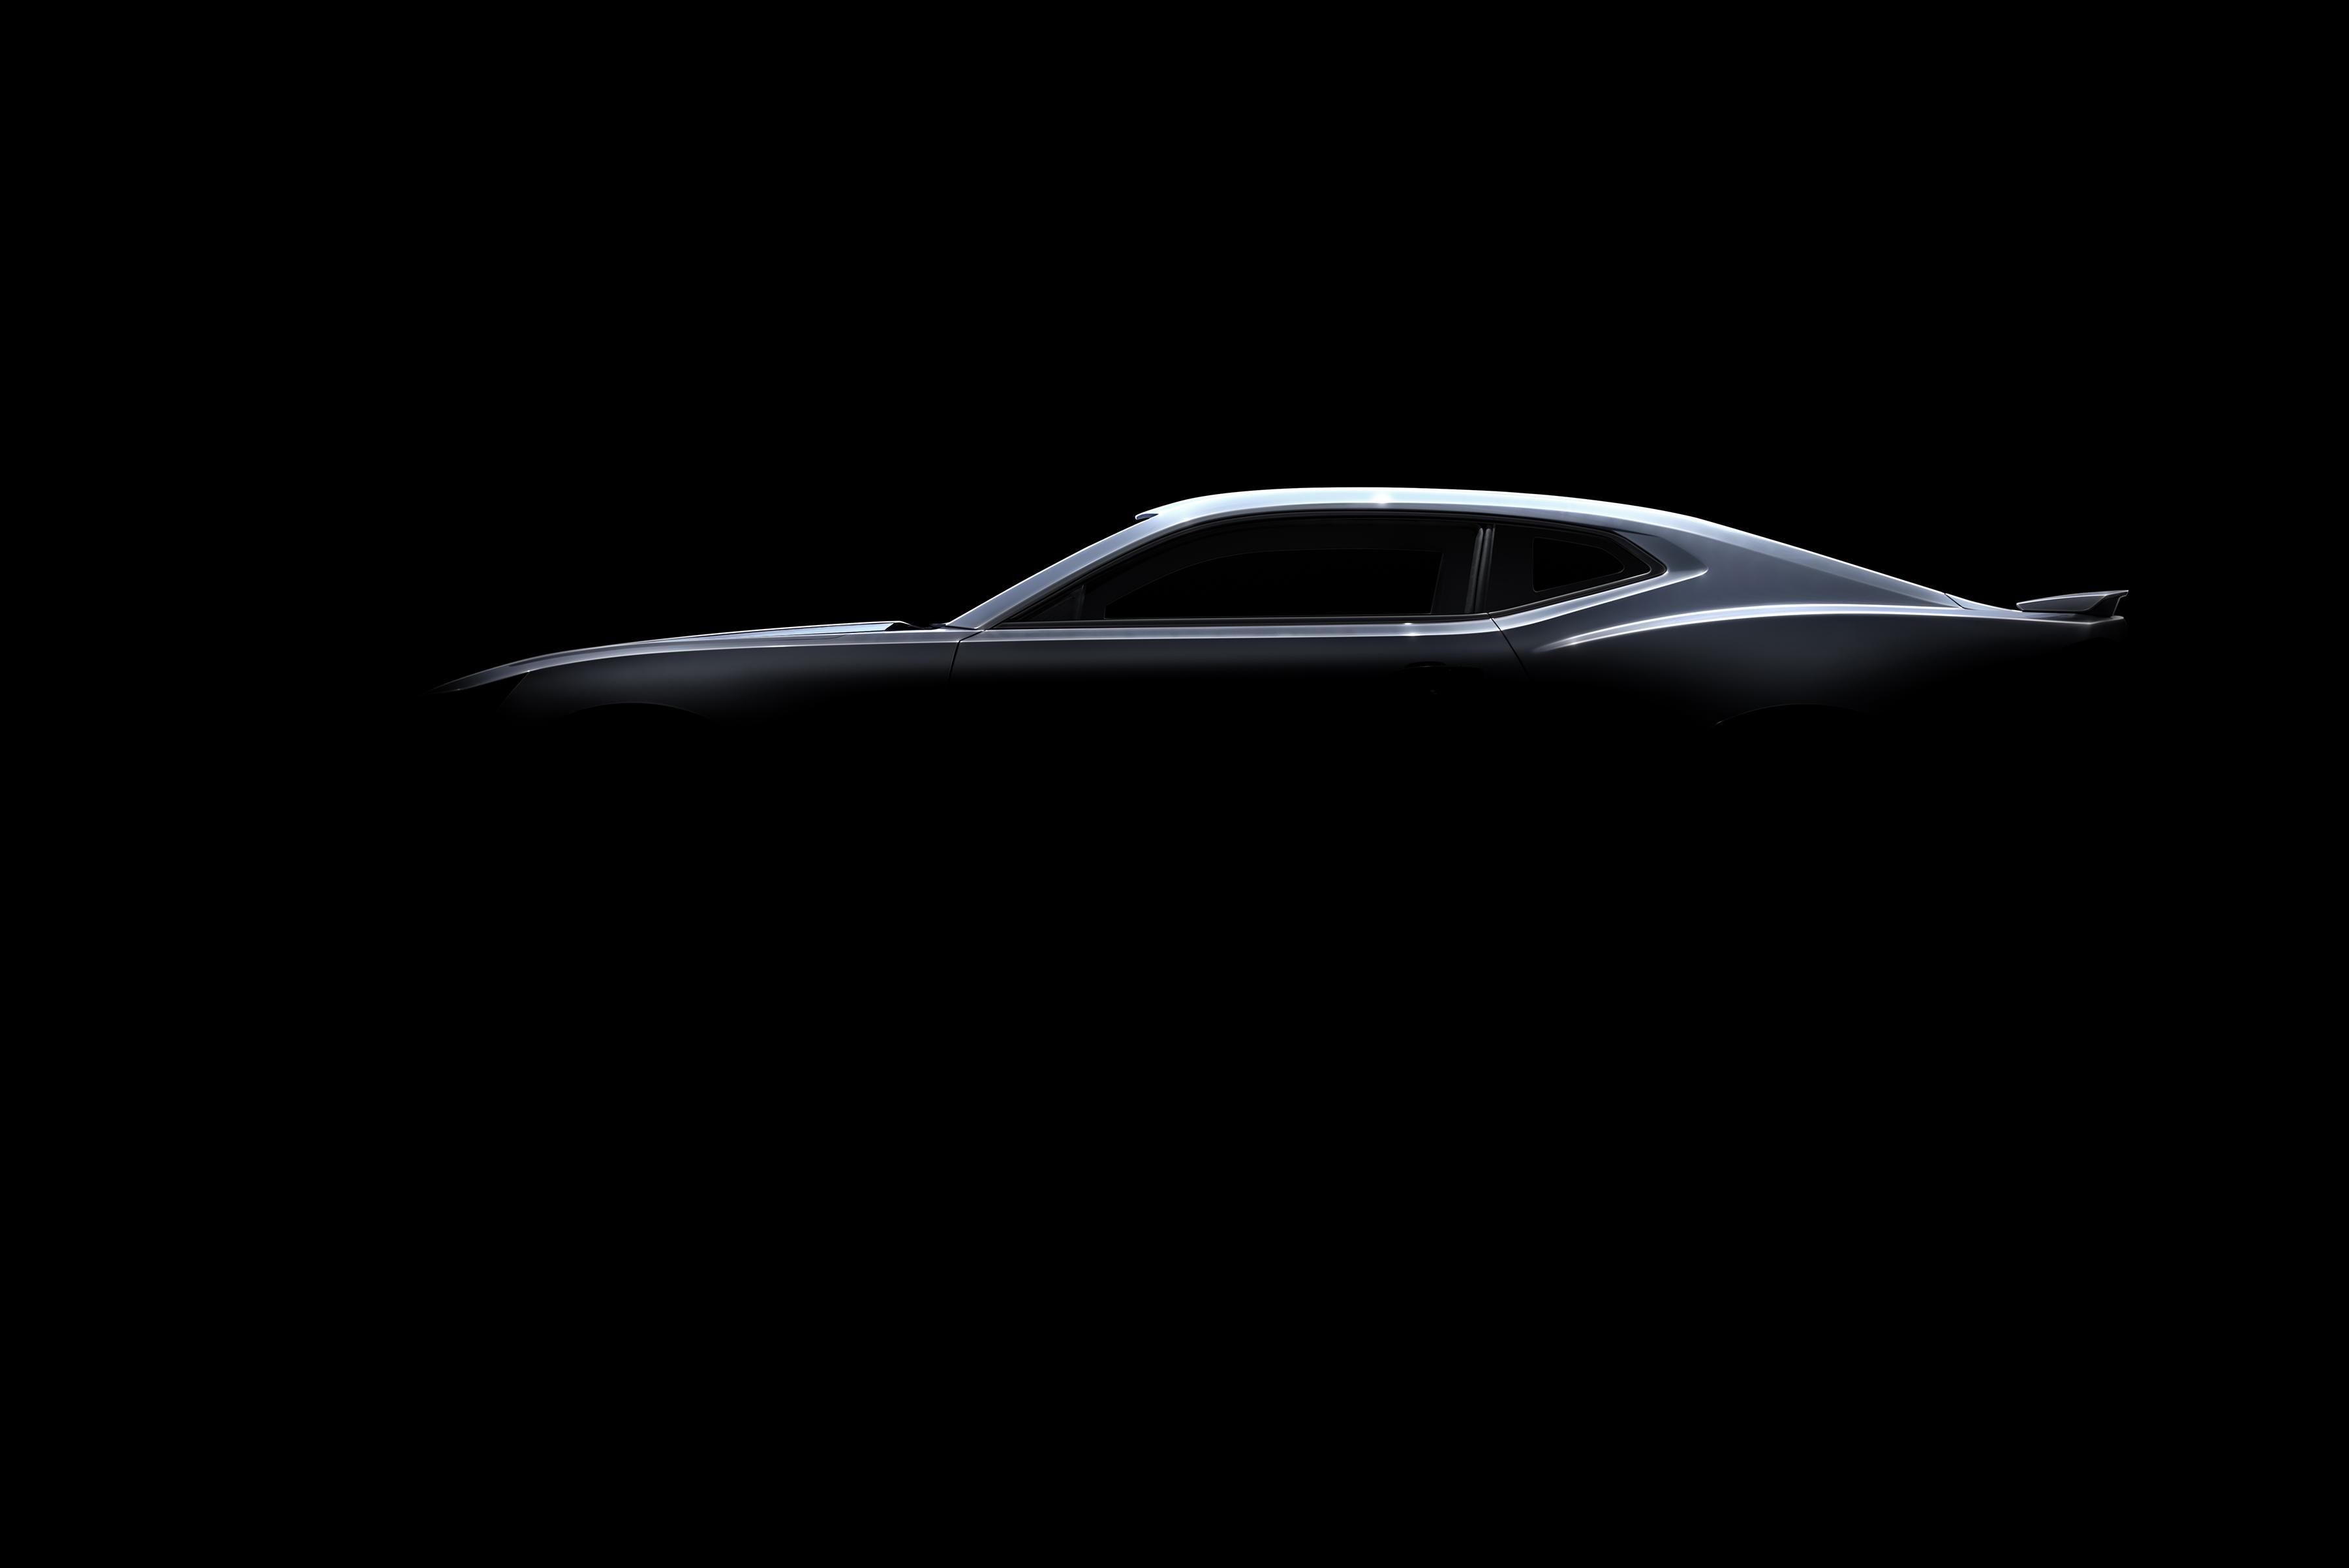 2016 Chevrolet Camaro - teaser